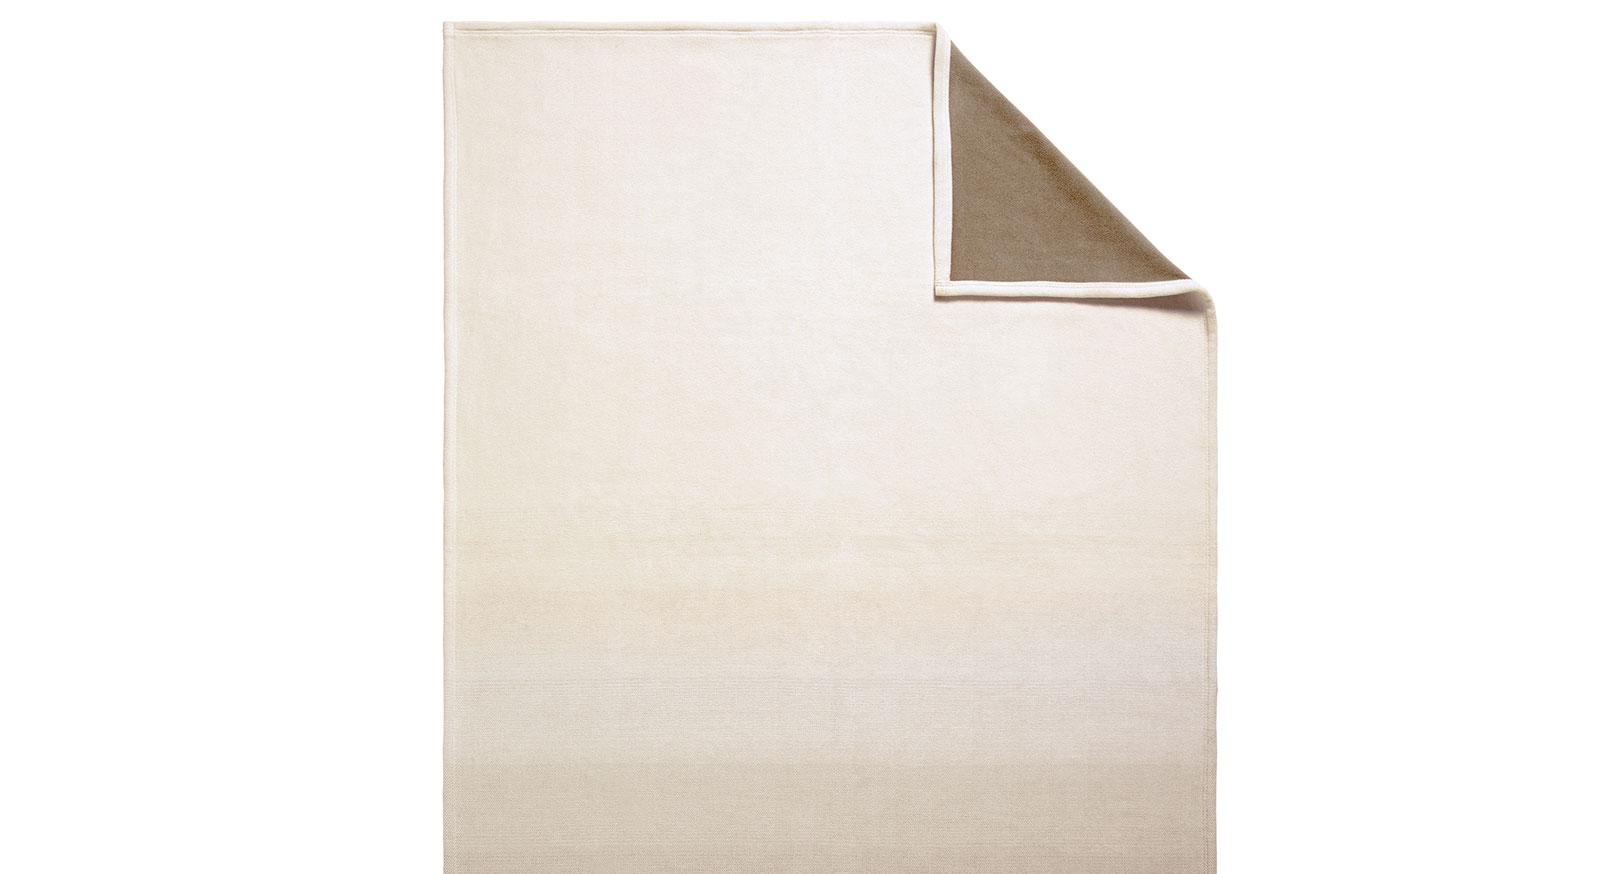 Qualitäts-Kuscheldecke Bicolor in modernem beige